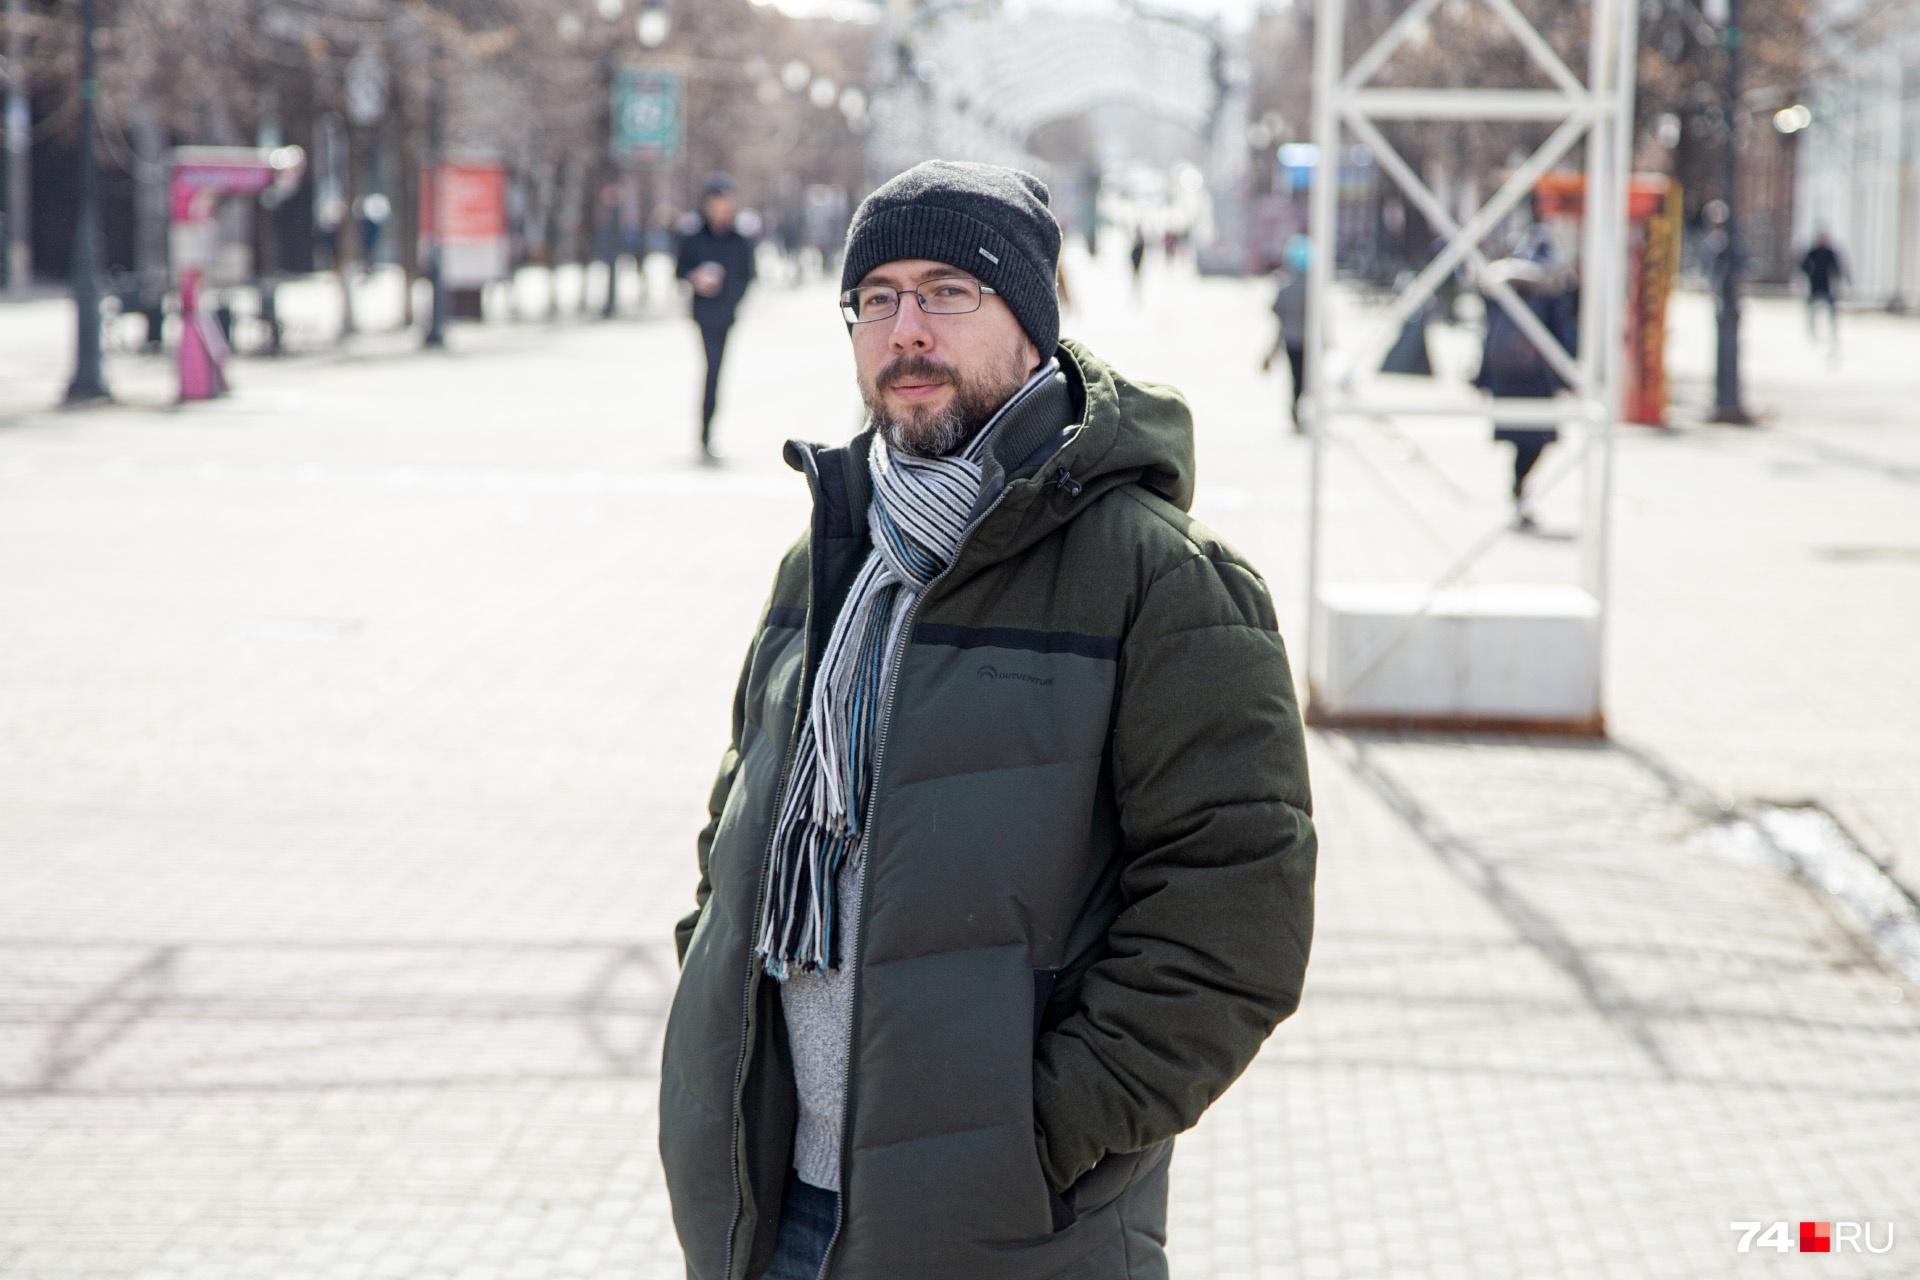 Компания, в которой работает Юрий, продолжит работу дистанционно